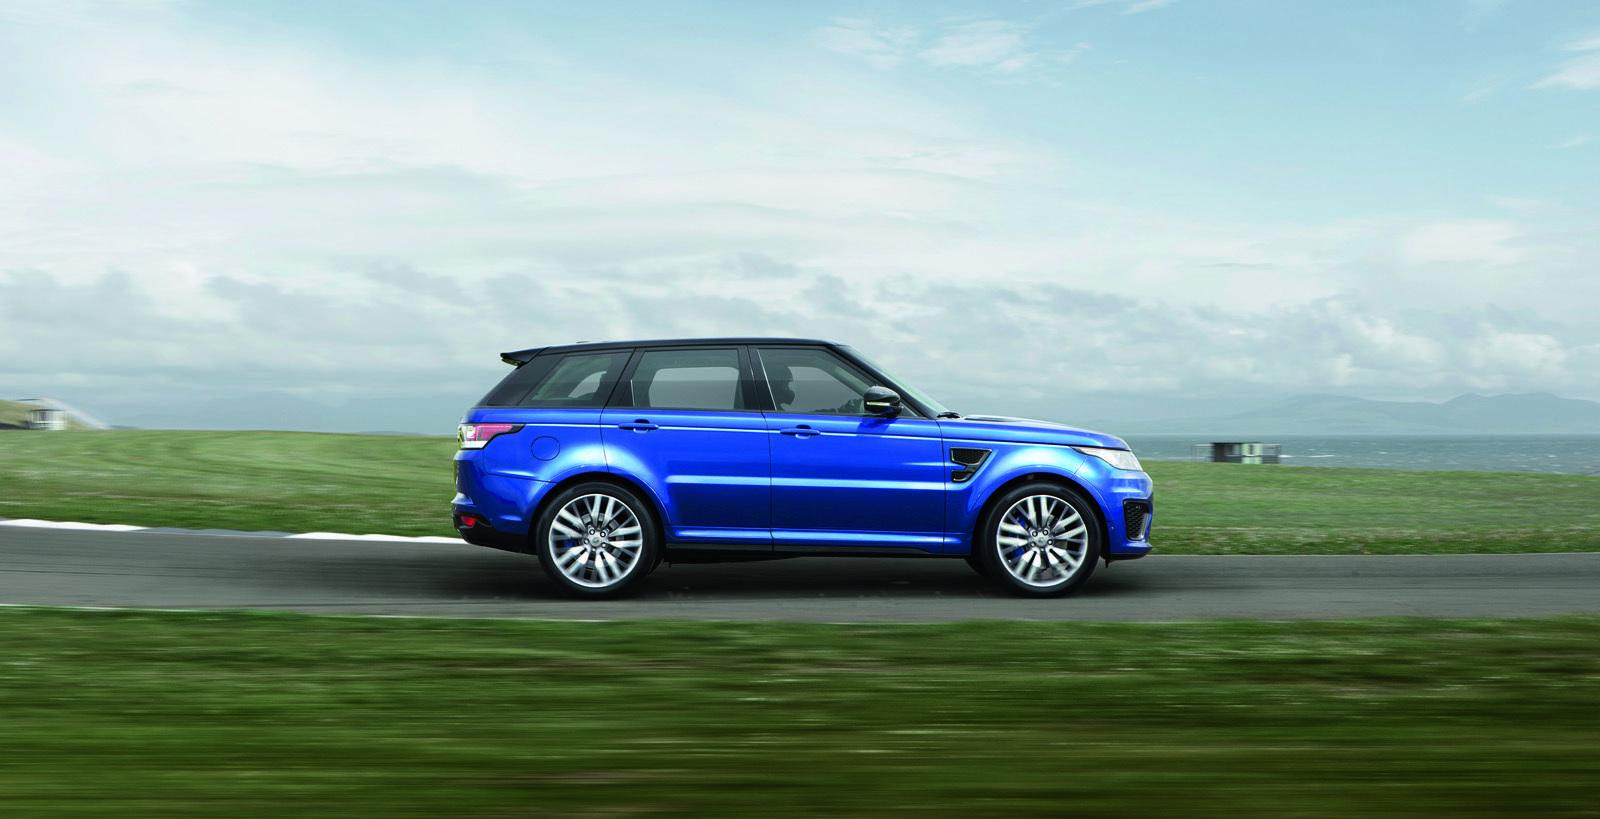 Range Rover Black >> 2015 Range Rover Sport SVR - FreshnessMag.com